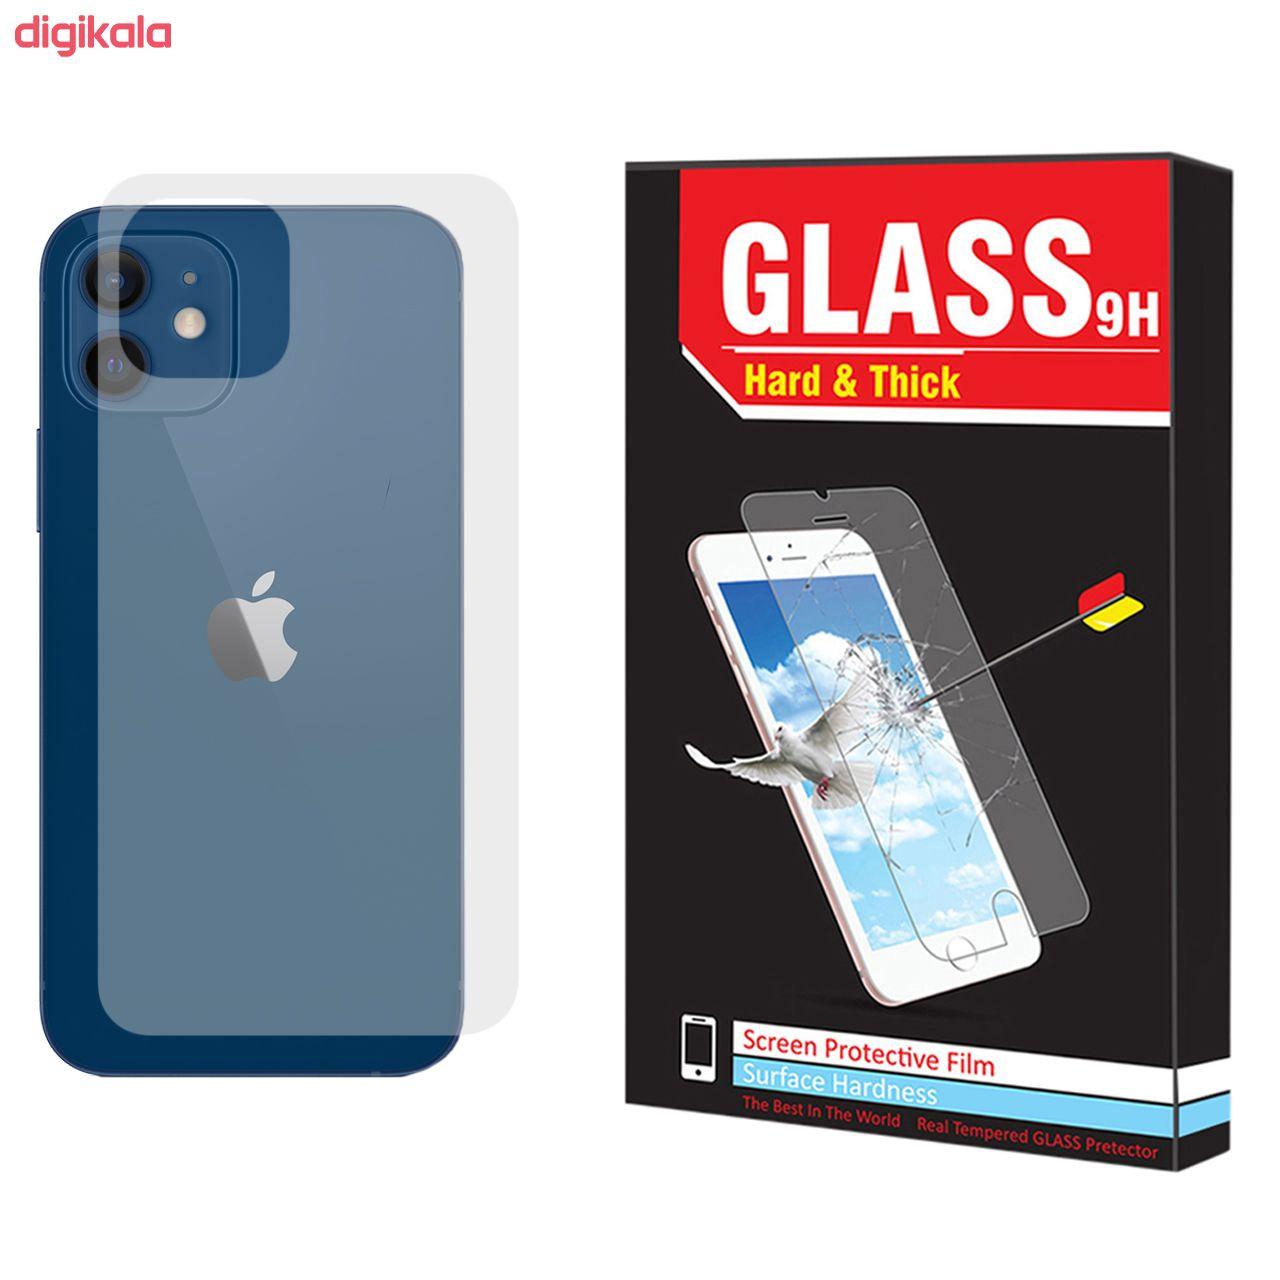 محافظ پشت گوشی Hard and Thick مدل TPB-001 مناسب برای گوشی موبایل اپل Iphone 12 mini  main 1 1